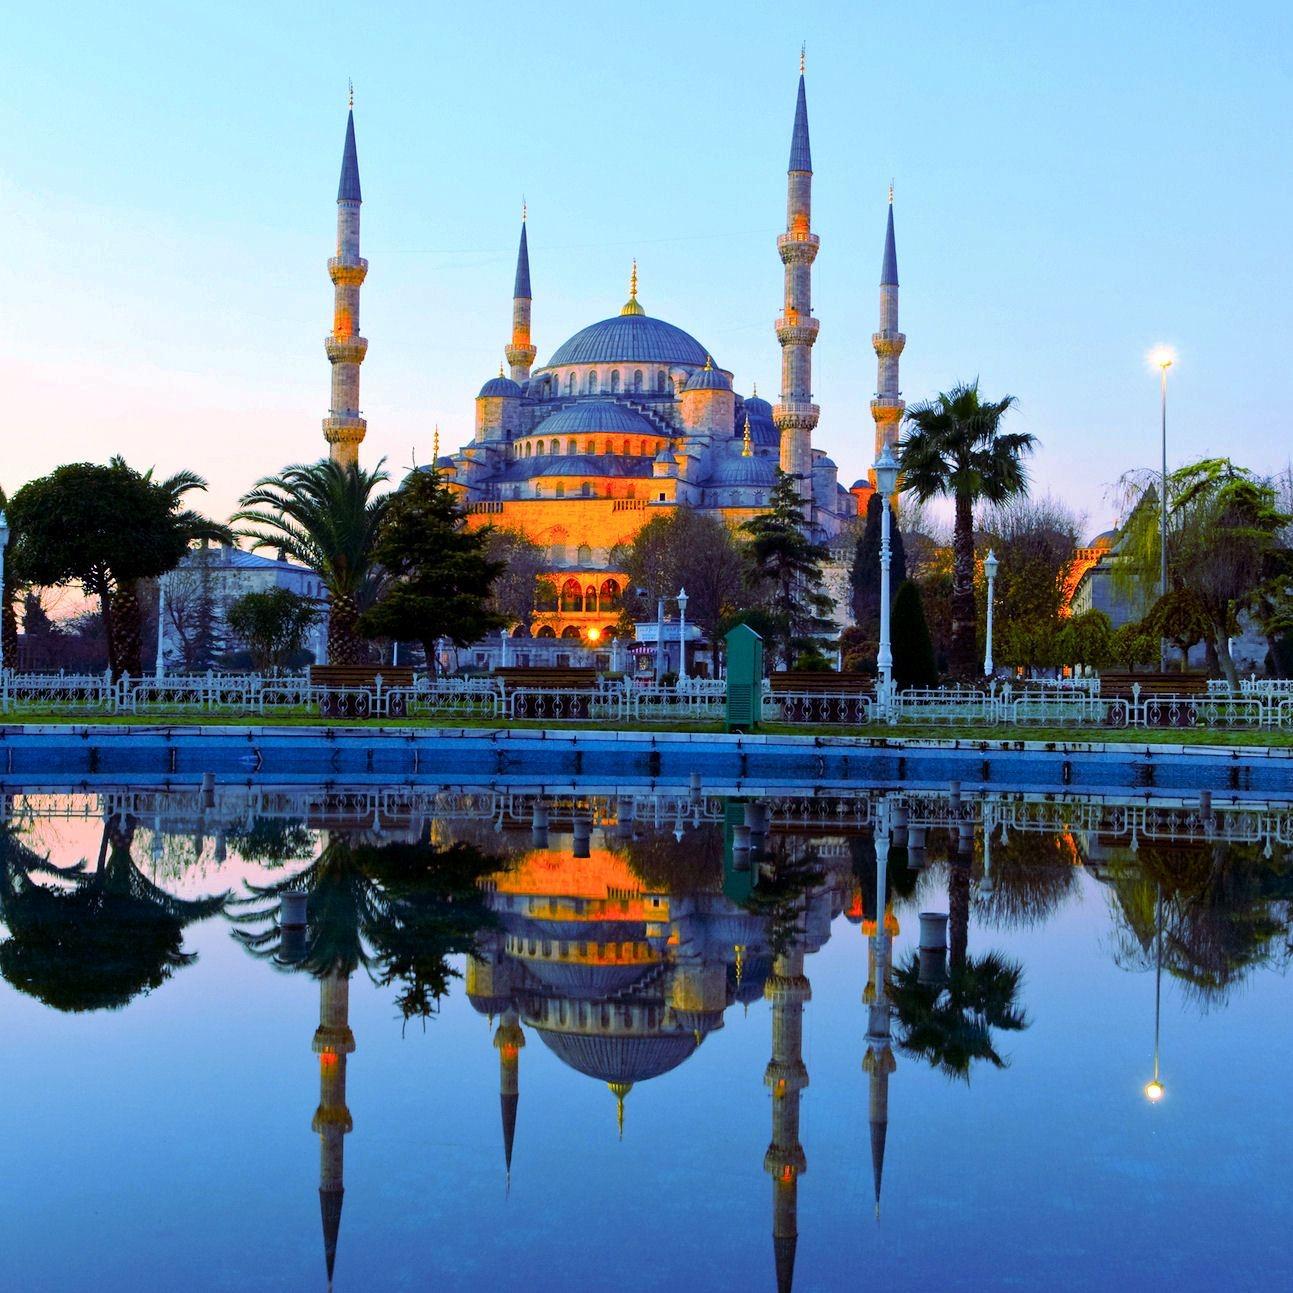 ISTANBUL - PUTOVANJE AUTOBUSOM - USKRS - PRVI MAJ CENE